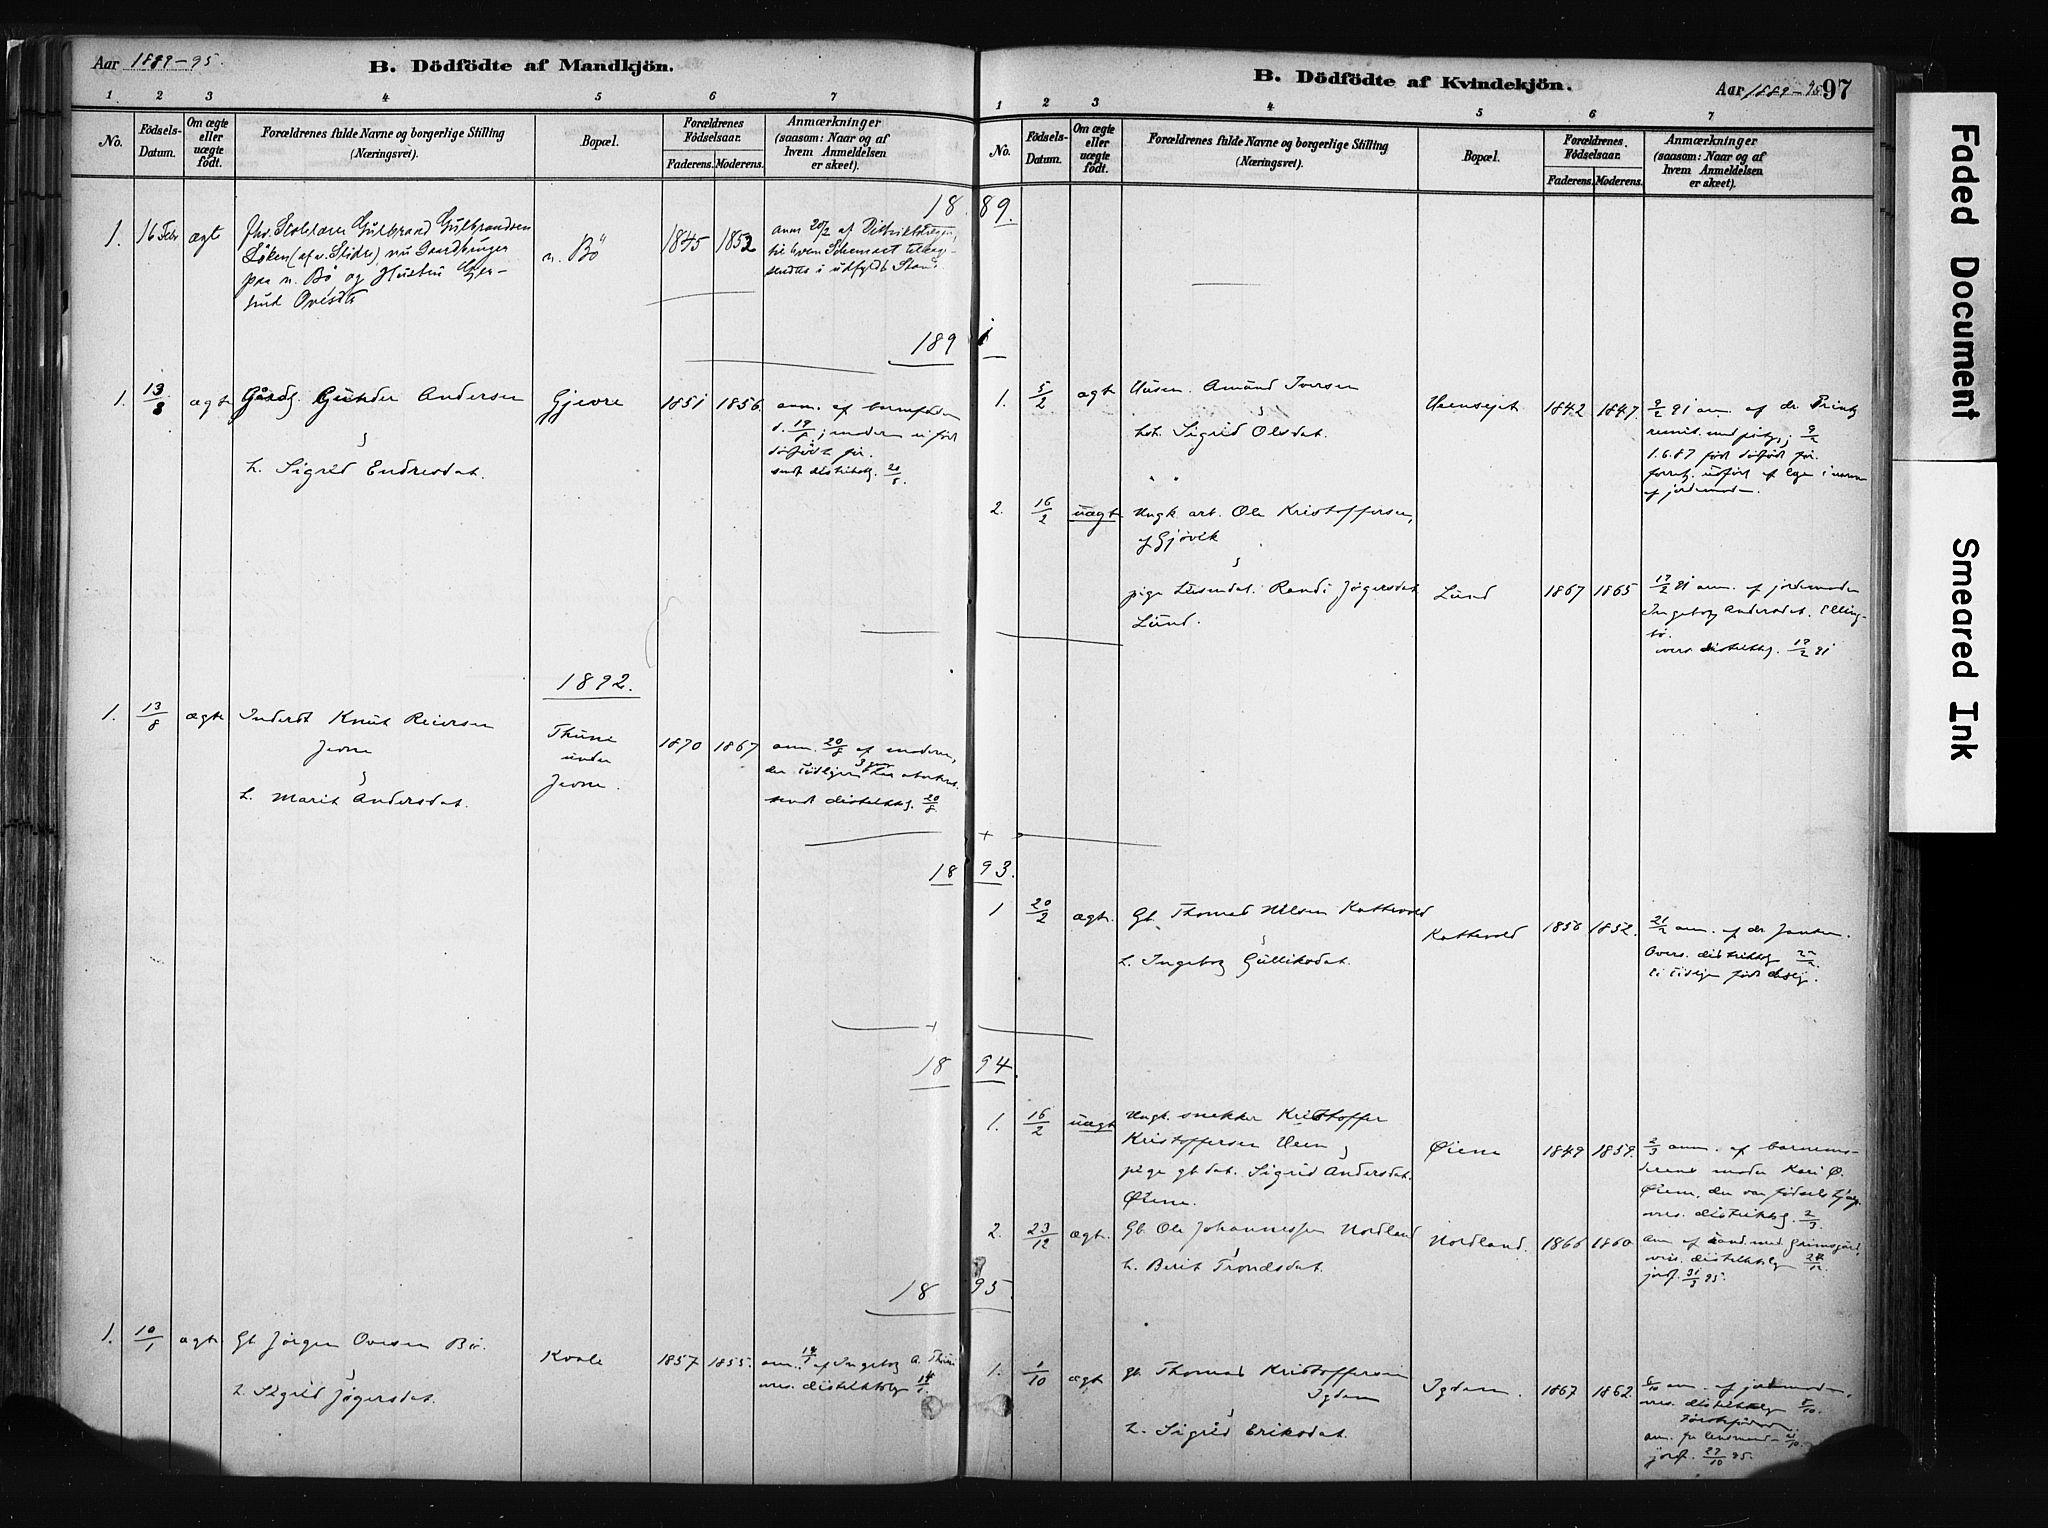 SAH, Vang prestekontor, Valdres, Ministerialbok nr. 8, 1882-1910, s. 97